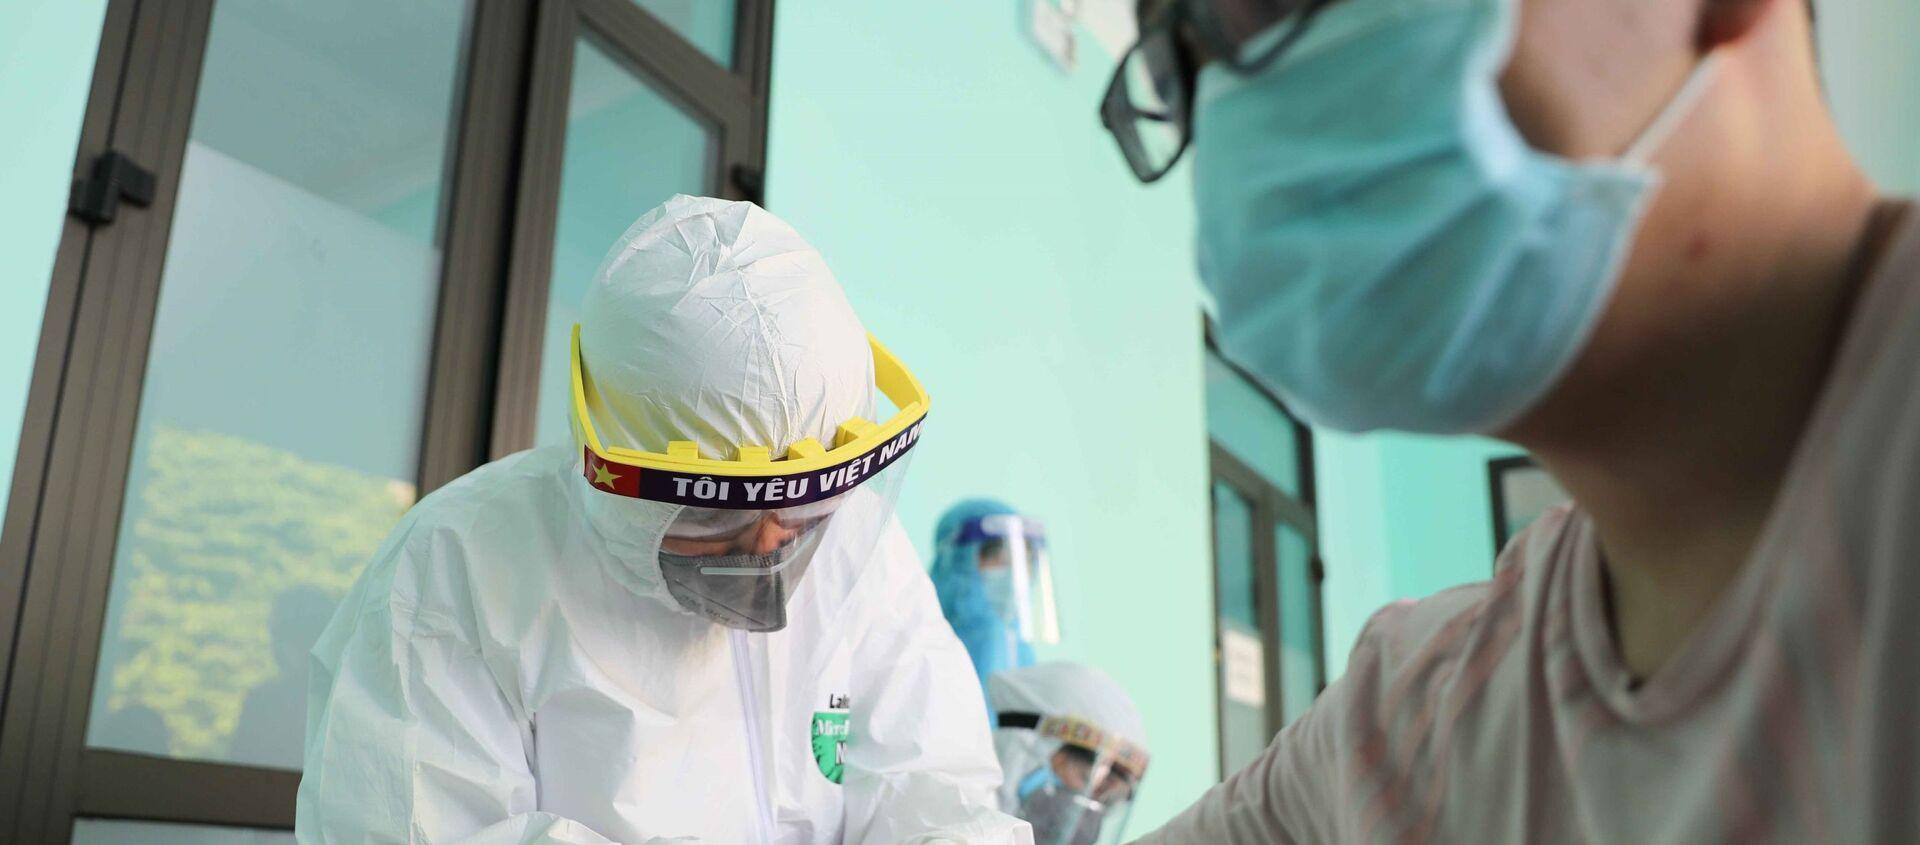 Nhân viên y tế lấy mẫu máu để xét nghiệm nhanh cho người dân tại Trạm Y tế phường Dịch Vọng, quận Cầu Giấy. - Sputnik Việt Nam, 1920, 30.07.2020